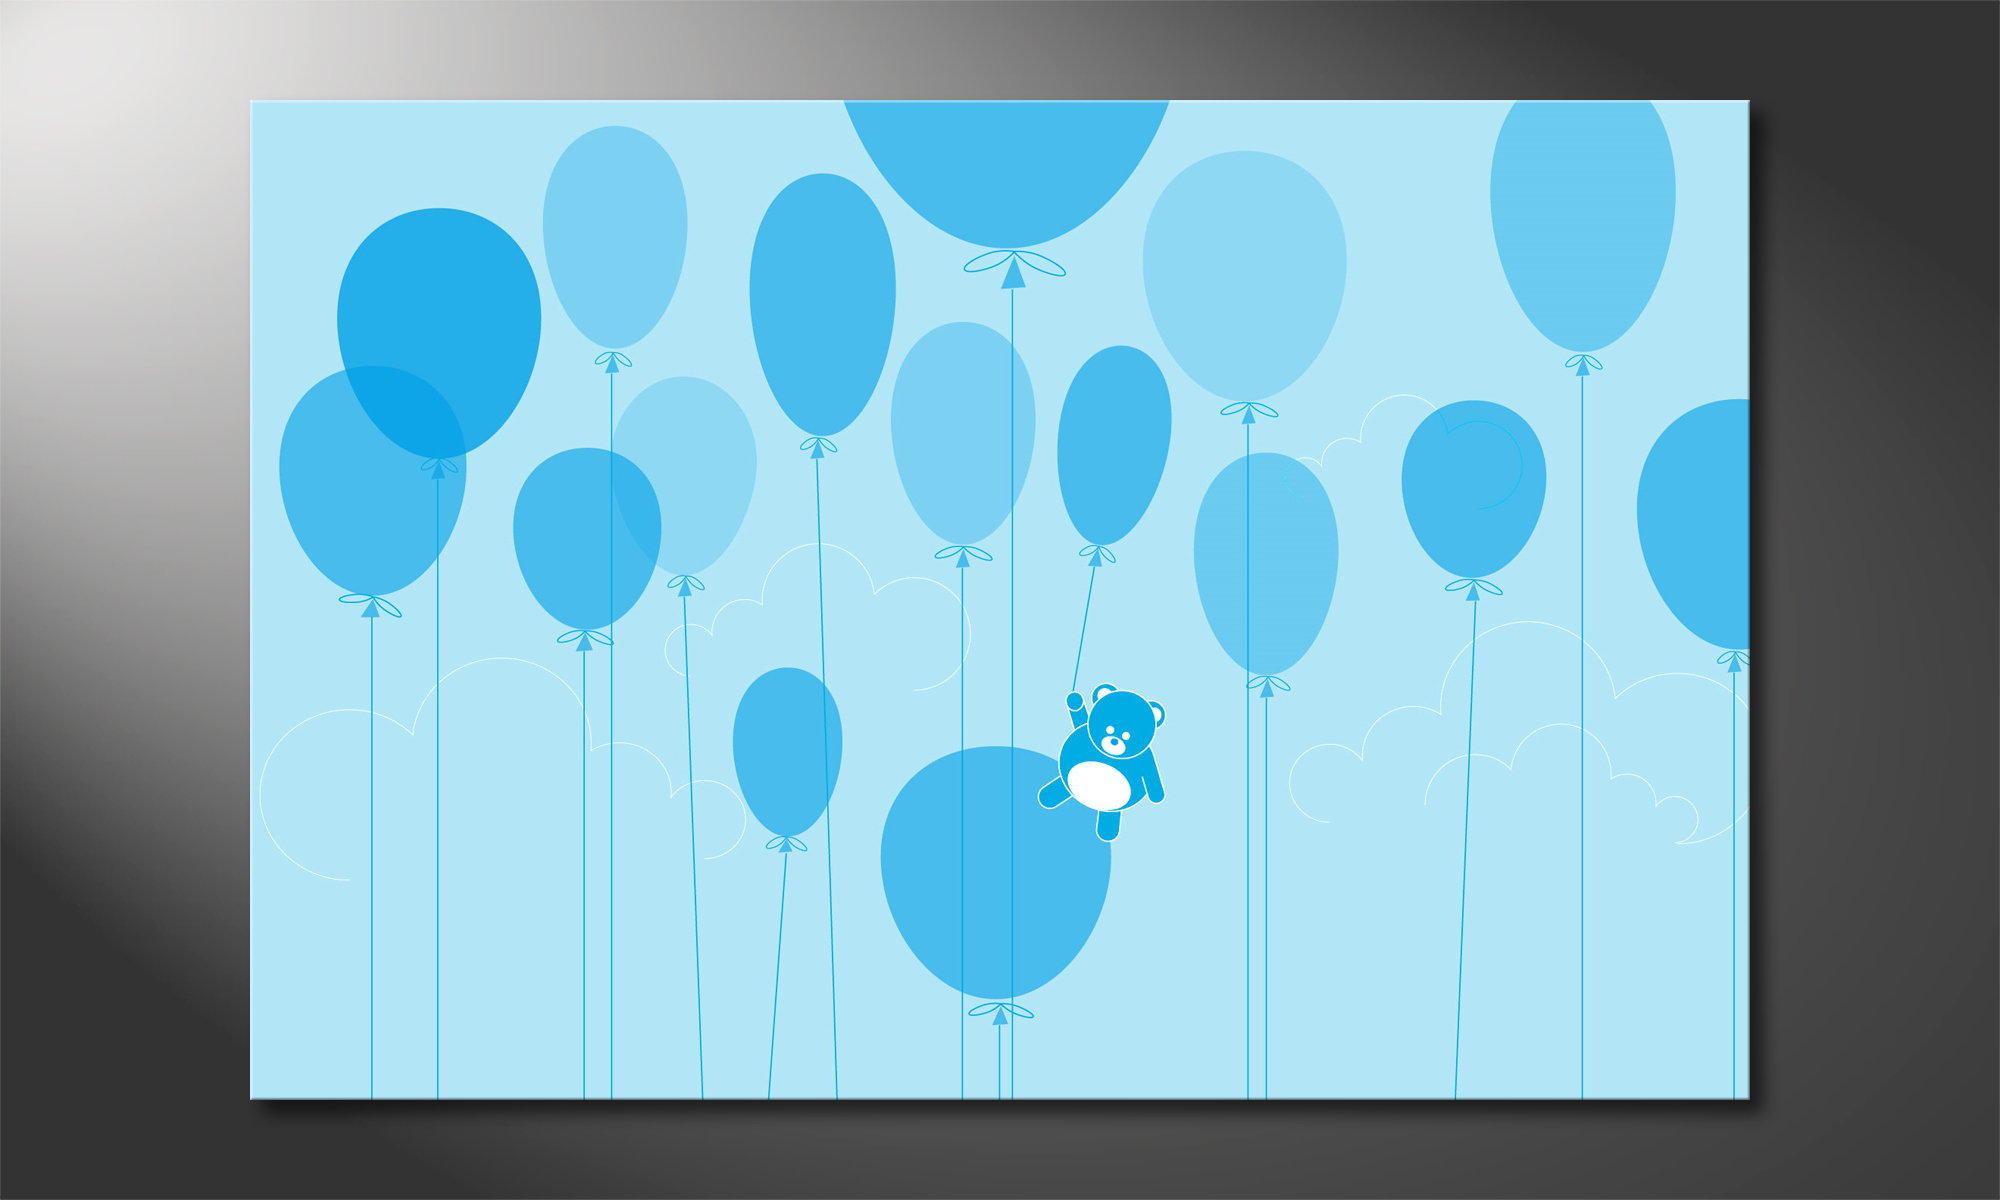 das coole wandbild balloons wandbilder xxl. Black Bedroom Furniture Sets. Home Design Ideas